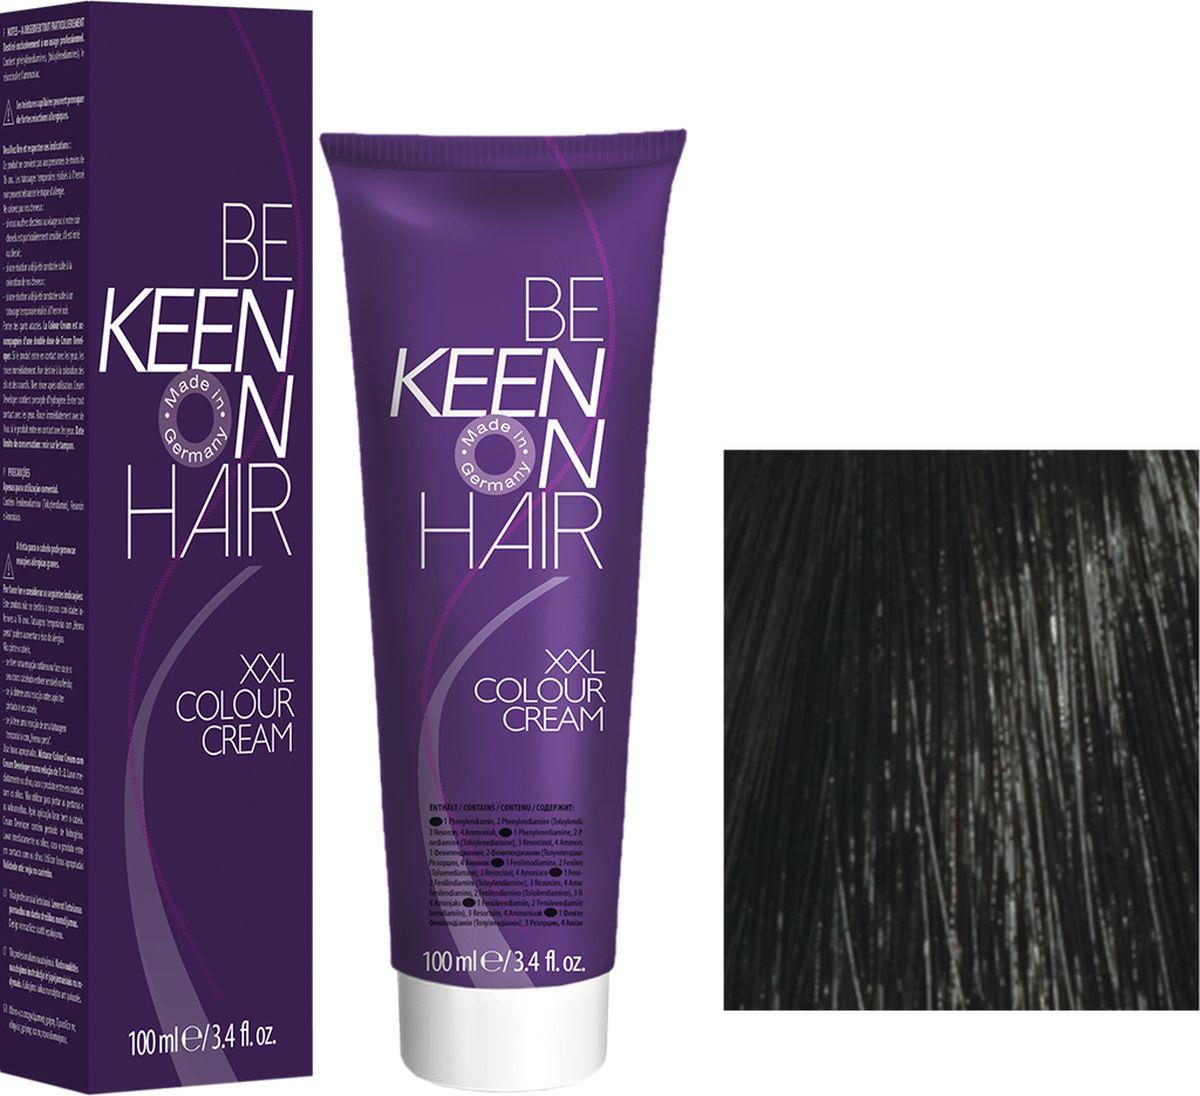 Keen Краска для волос 1.0 Черный Schwarz, 100 мл69100008Модные оттенкиБолее 100 оттенков для креативной комбинации цветов.ЭкономичностьПри использовании тюбика 100 мл вы получаете оптимальное соотношение цены и качества!УходМолочный белок поддерживает структуру волоса во время окрашивания и придает волосам блеск и шелковистость. Протеины хорошо встраиваются в волосы и снабжают их влагой.